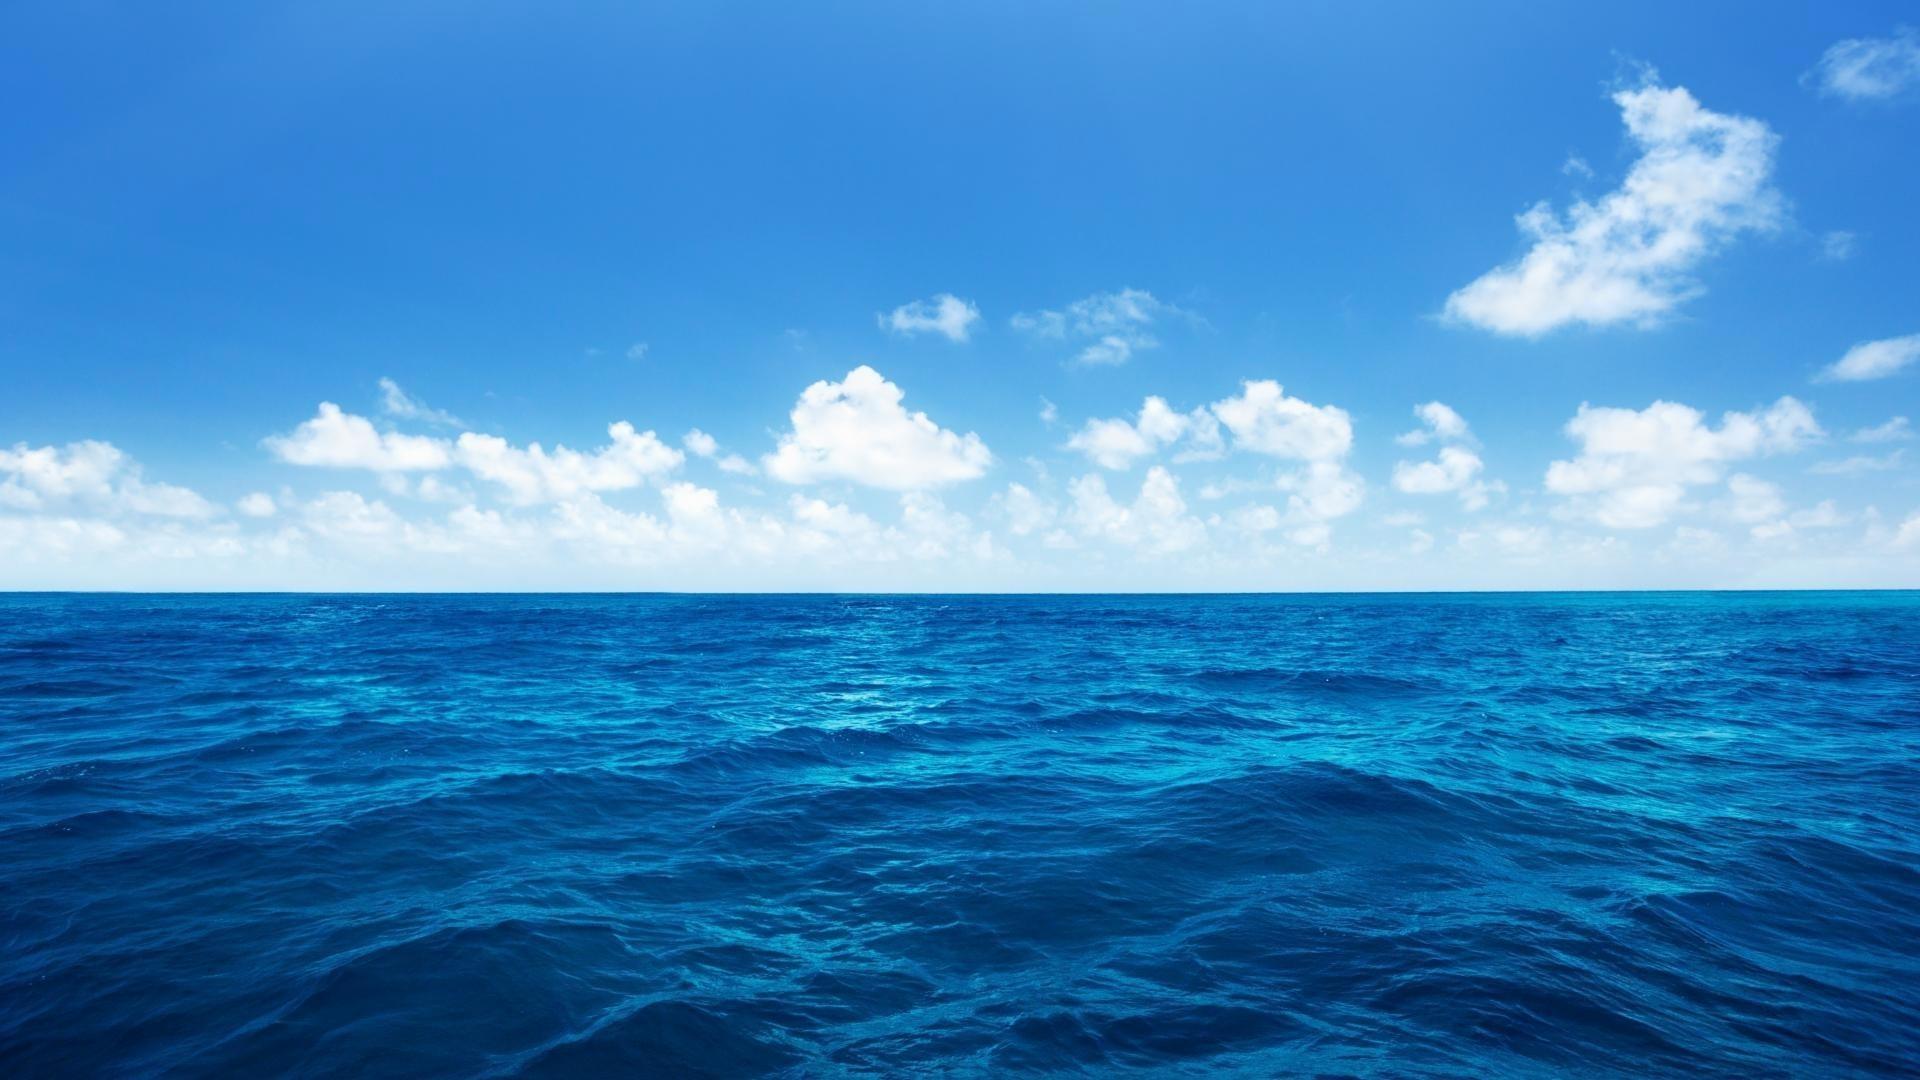 Res: 1920x1080, 4. hd-ocean-wallpaper-HD4-600x338